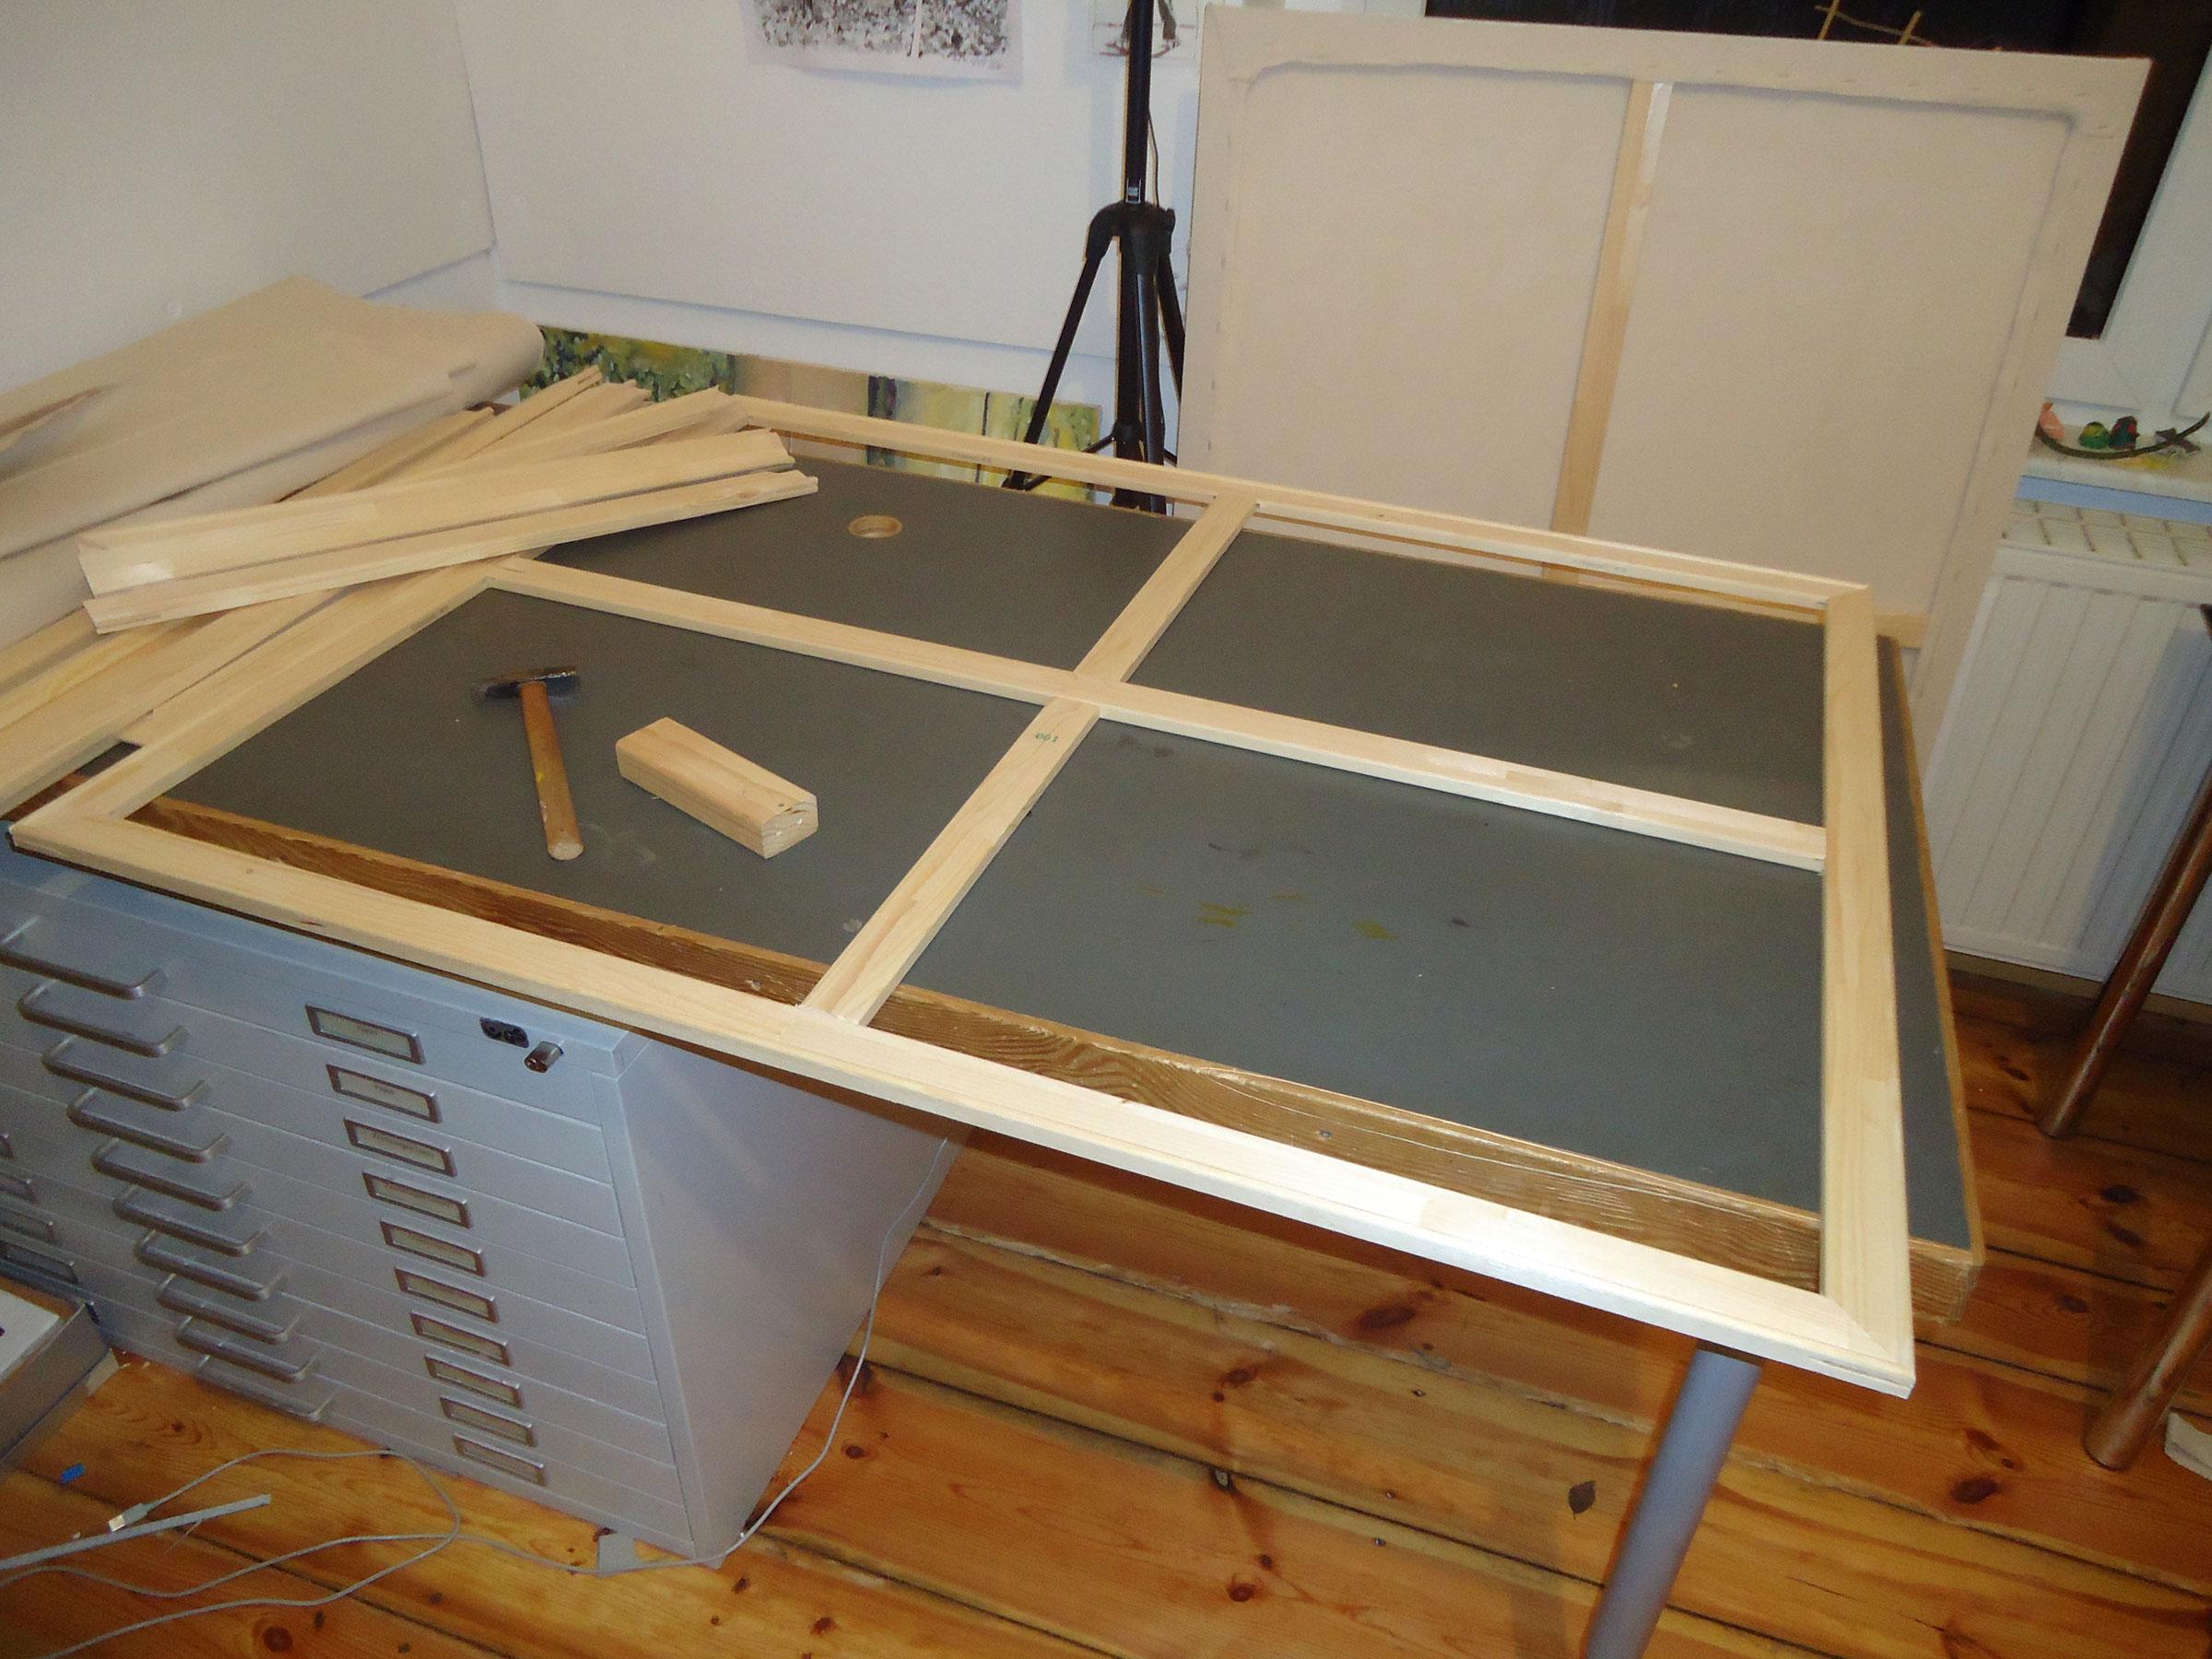 keilrahmen selber zusammenbauen anleitung. Black Bedroom Furniture Sets. Home Design Ideas